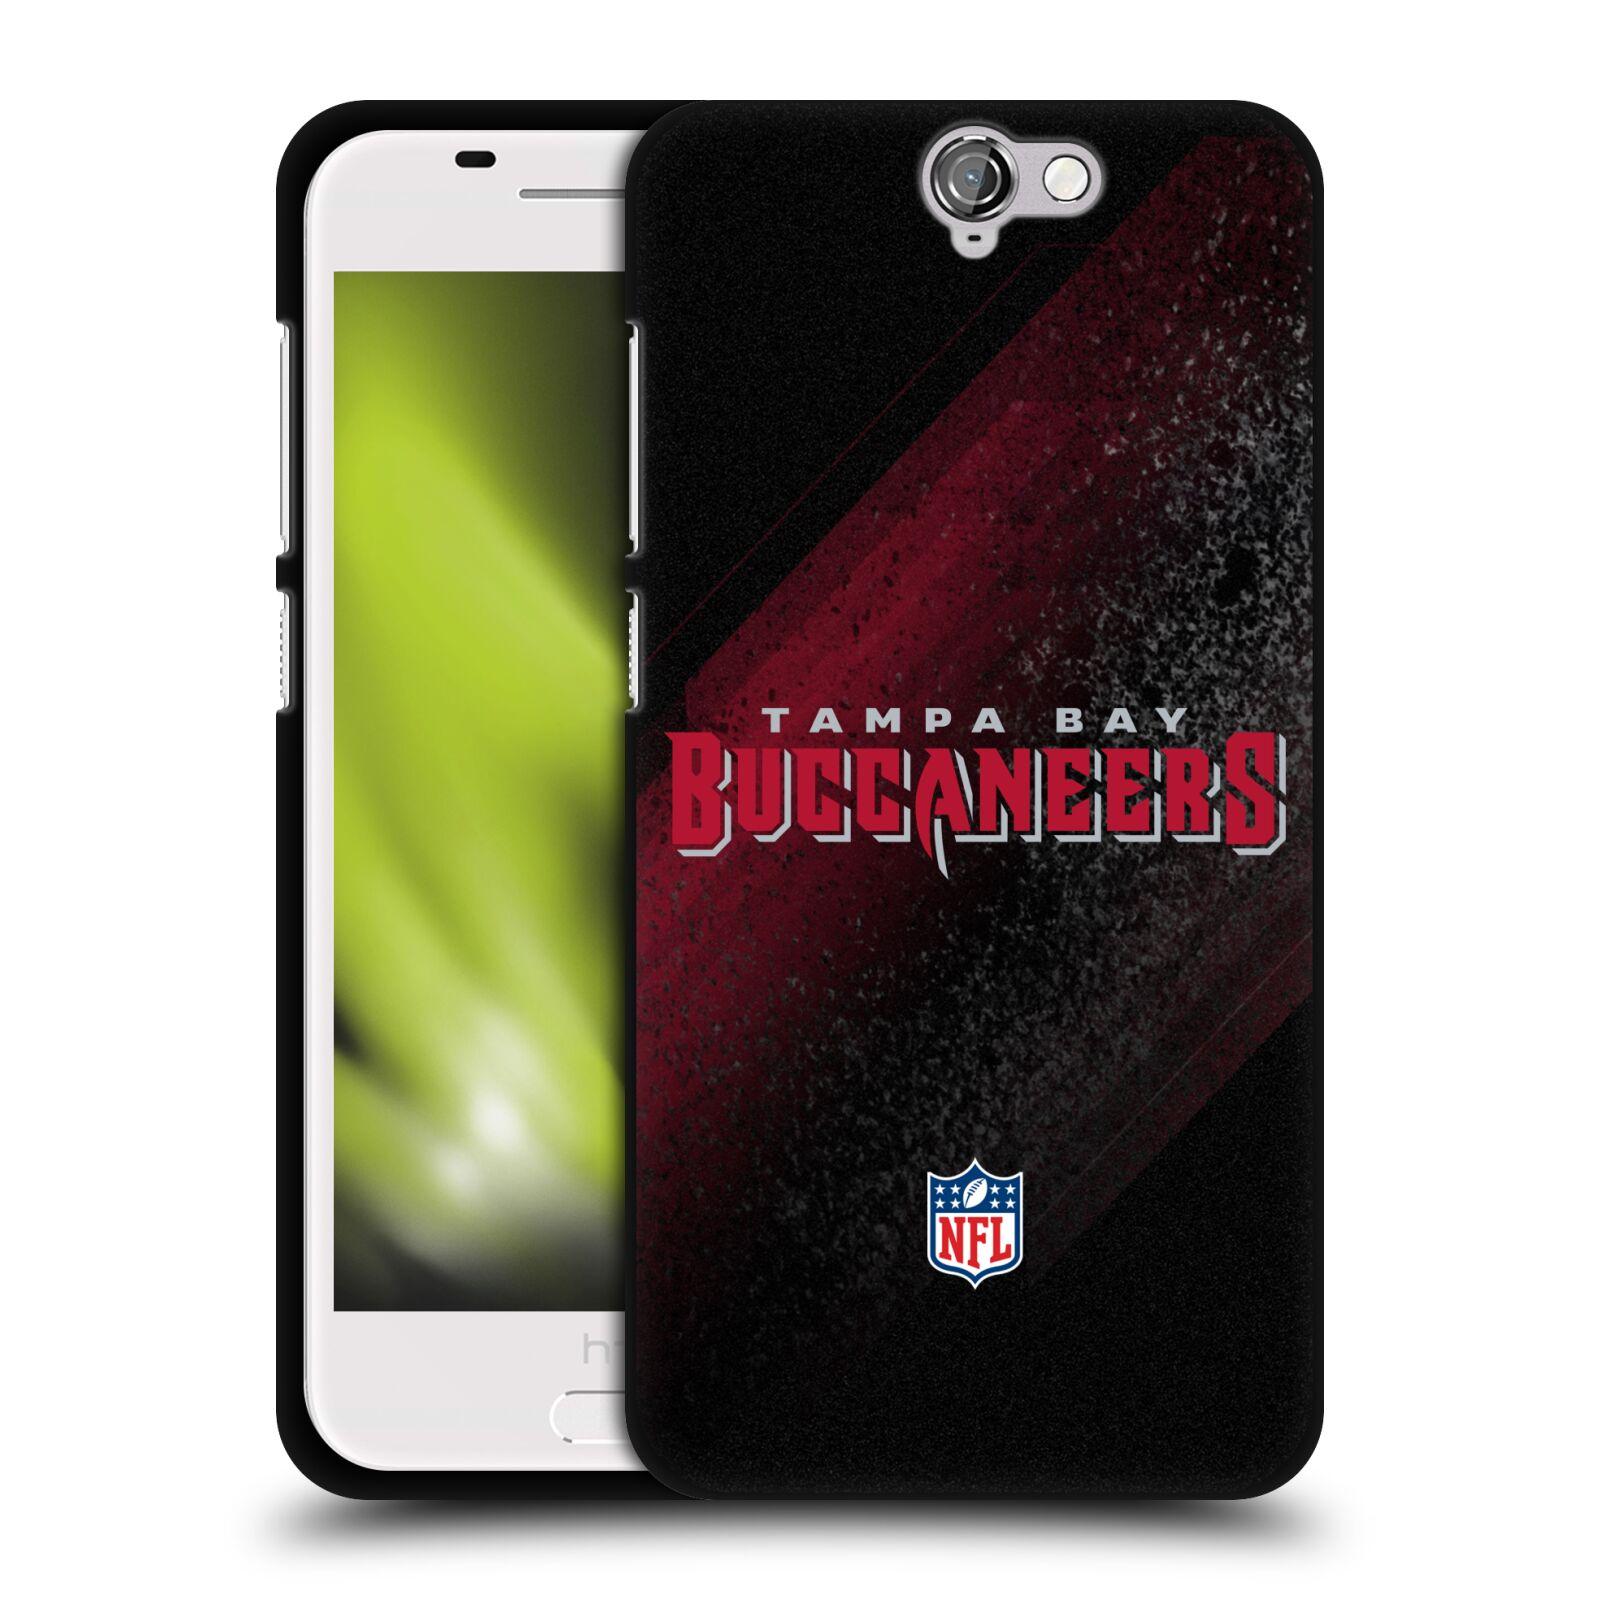 OFFICIAL-NFL-TAMPA-BAY-BUCCANEERS-LOGO-BLACK-SOFT-GEL-CASE-FOR-HTC-PHONES